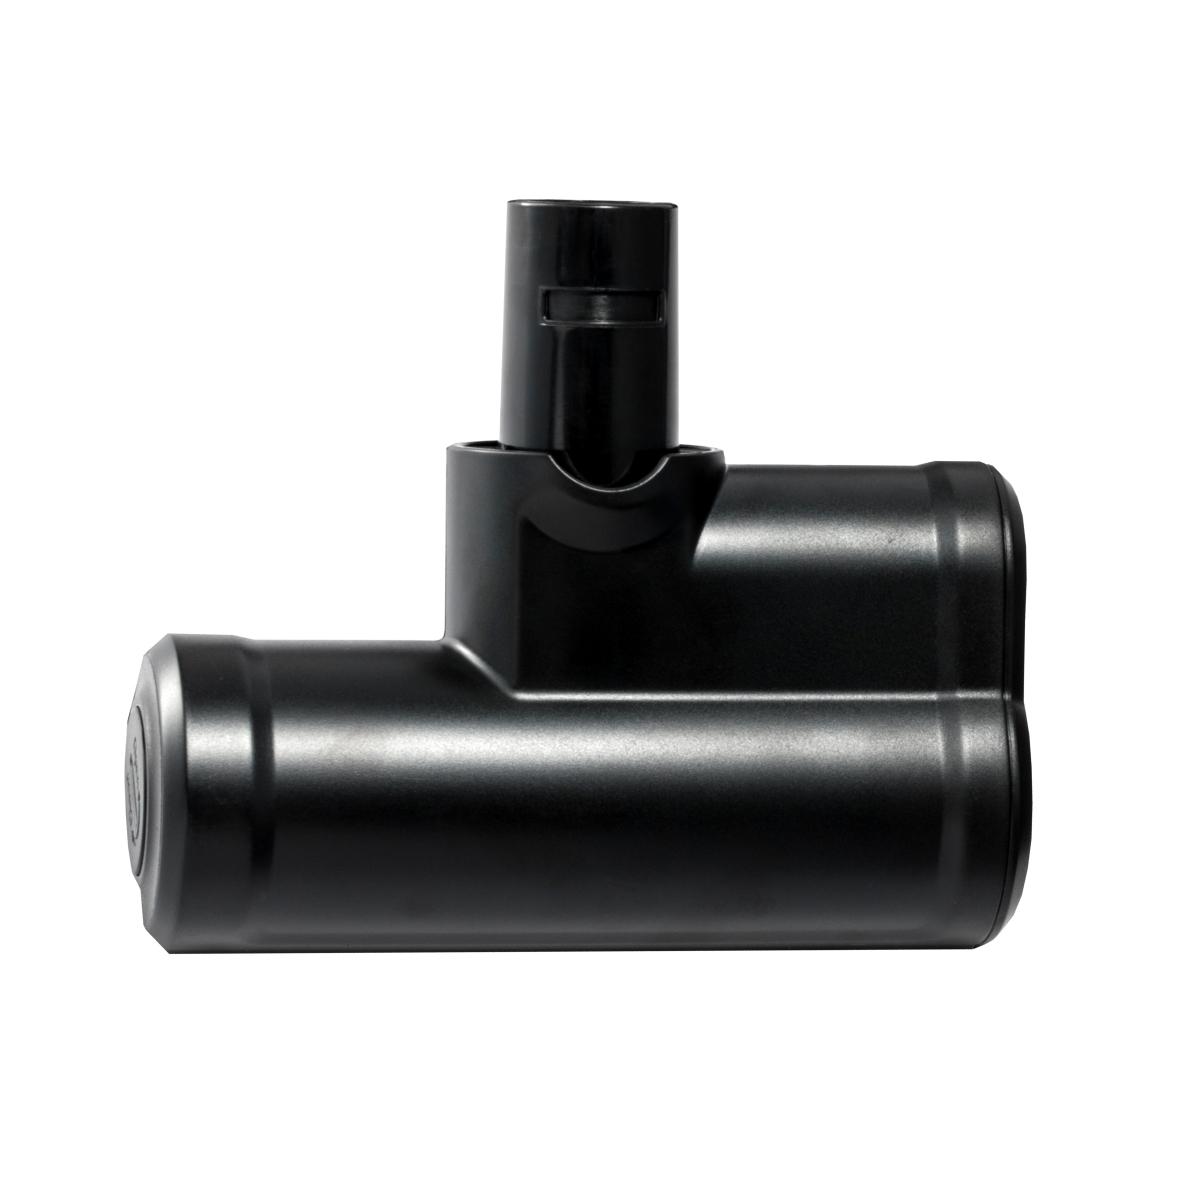 評判 SY-105 SY-136 激安 #8203;専用部品 SY-136で使用可能 ミニパワーヘッド